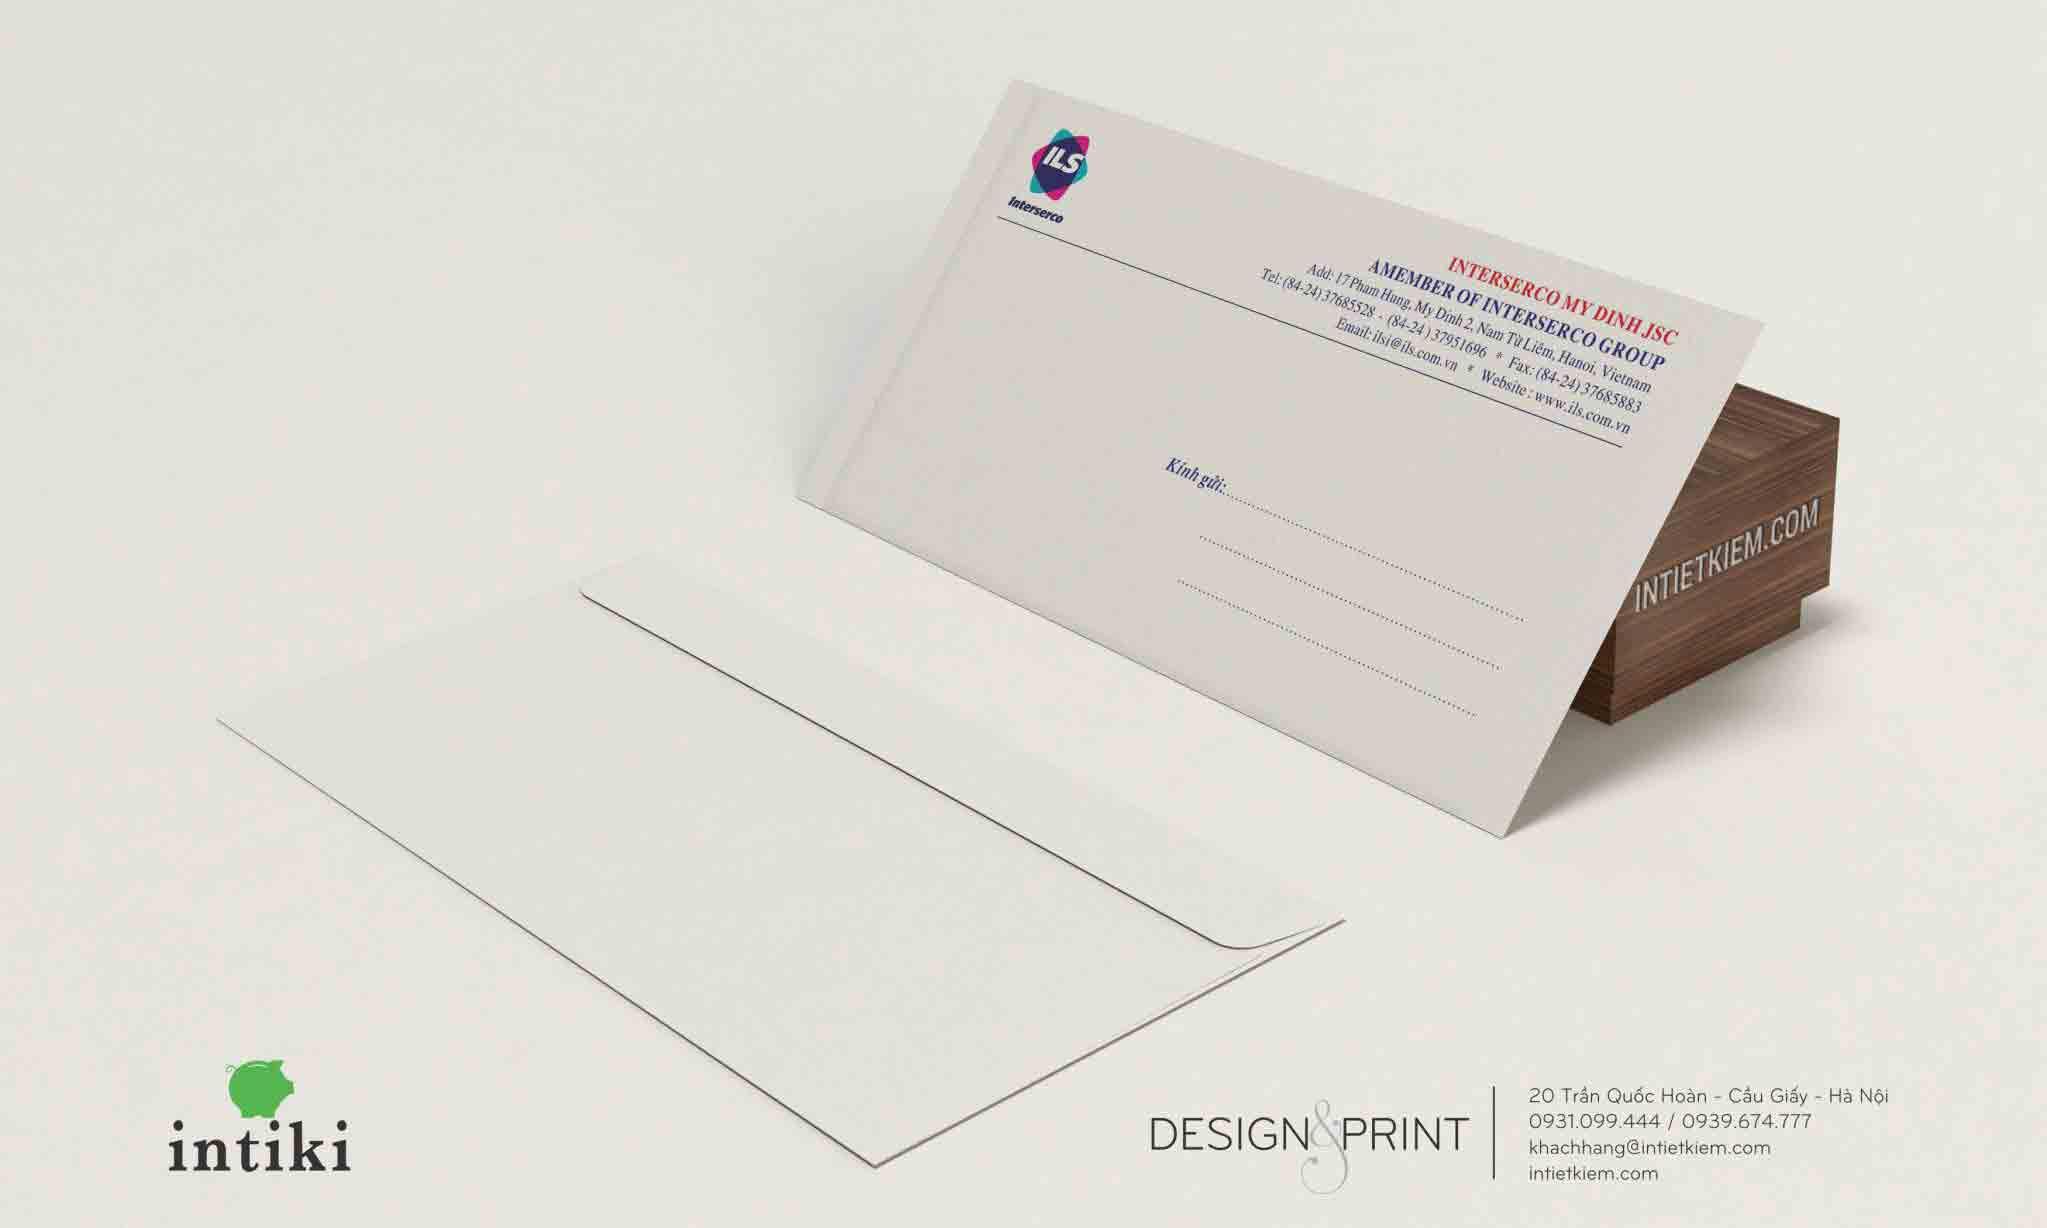 Phong bì thư sử dụng nguyên liệu đa dạng